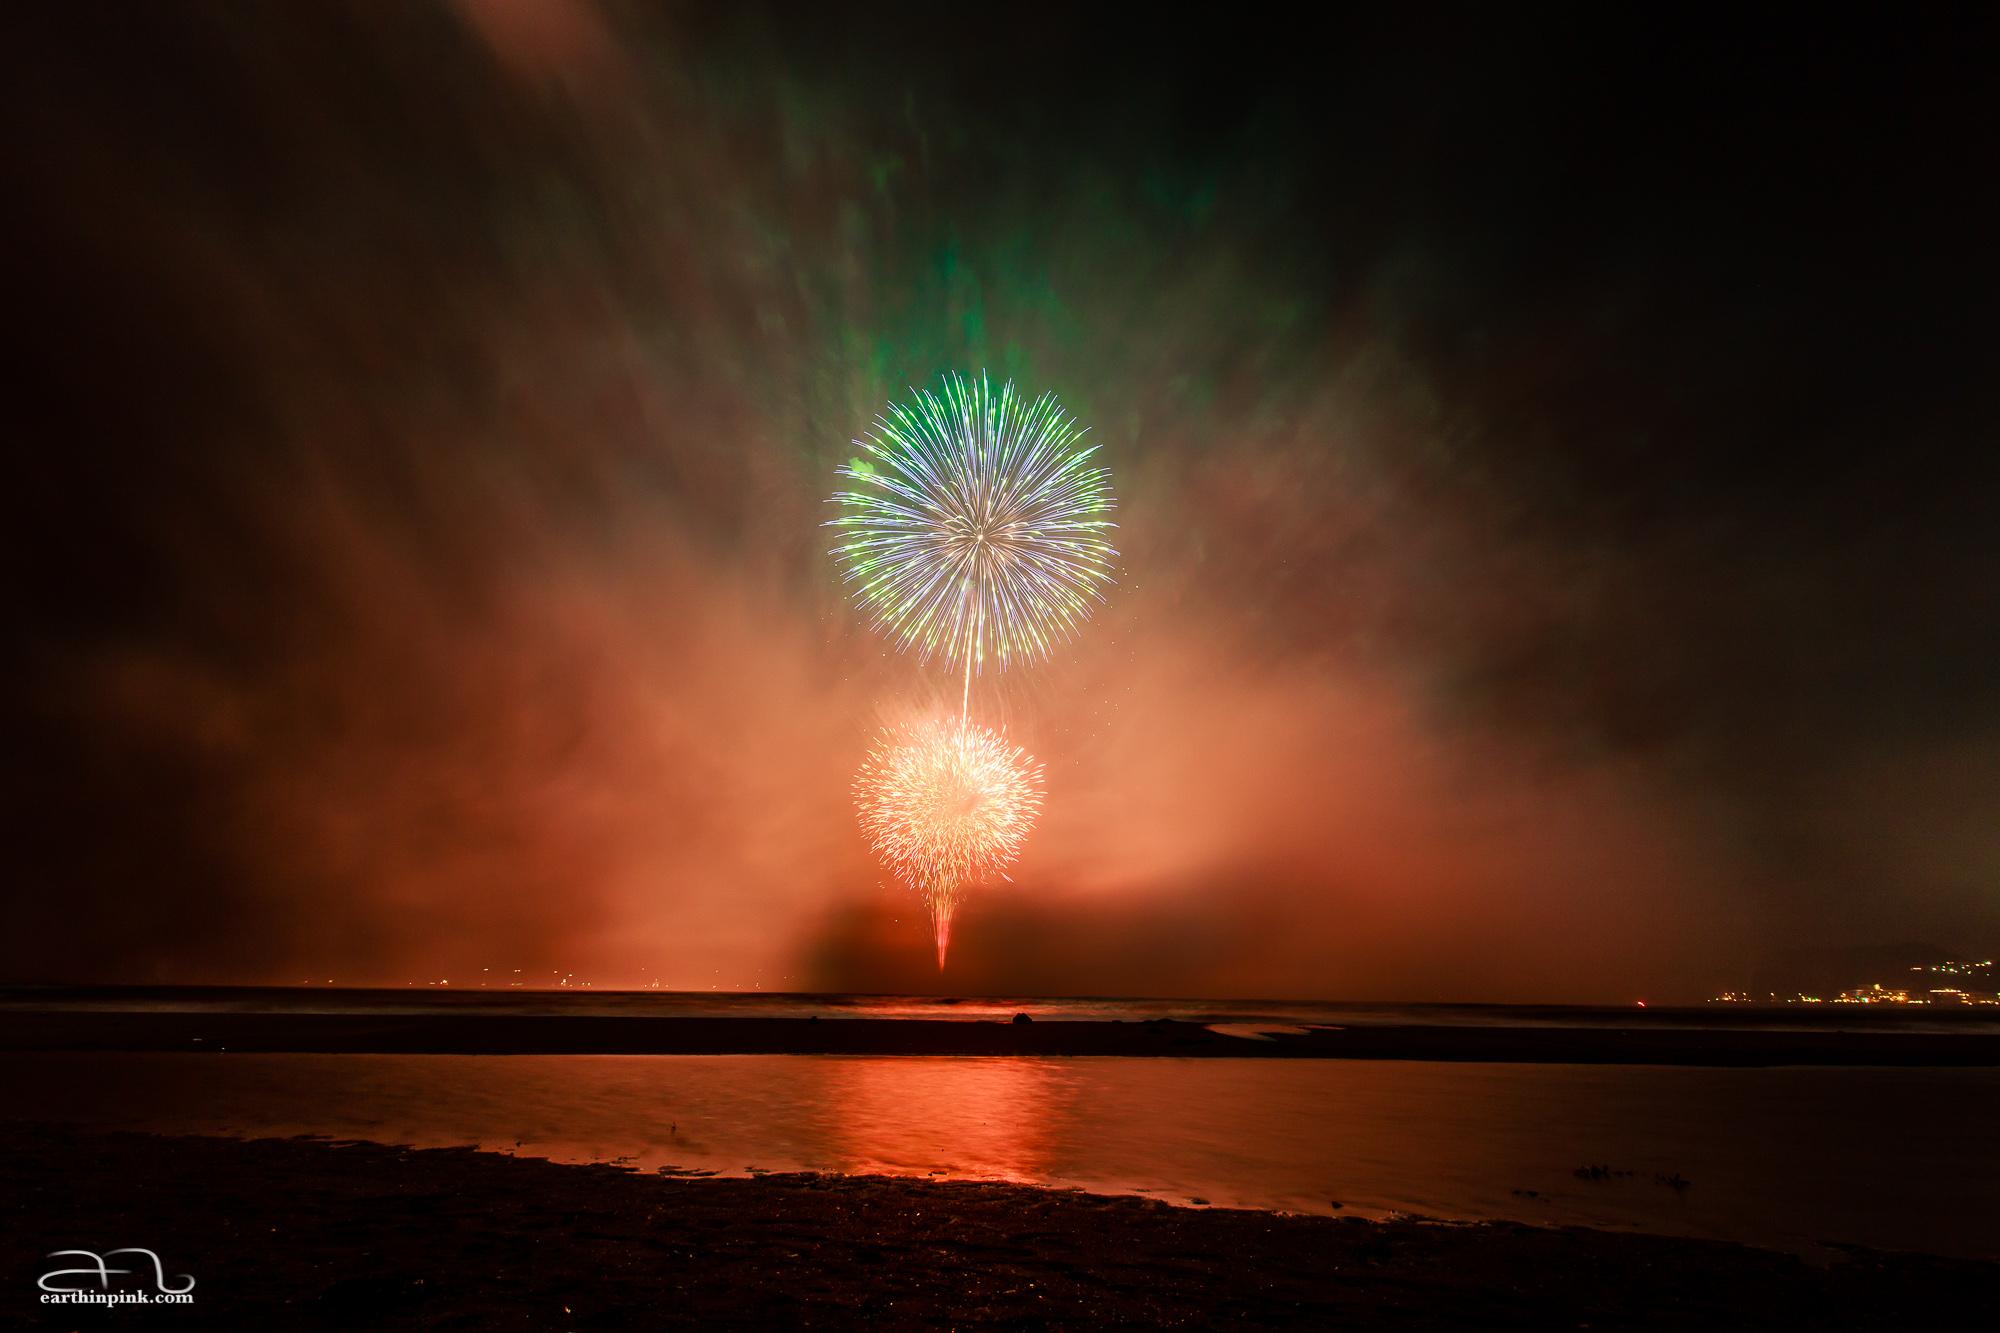 Kamakura Fireworks Festival, July 23rd 2014.